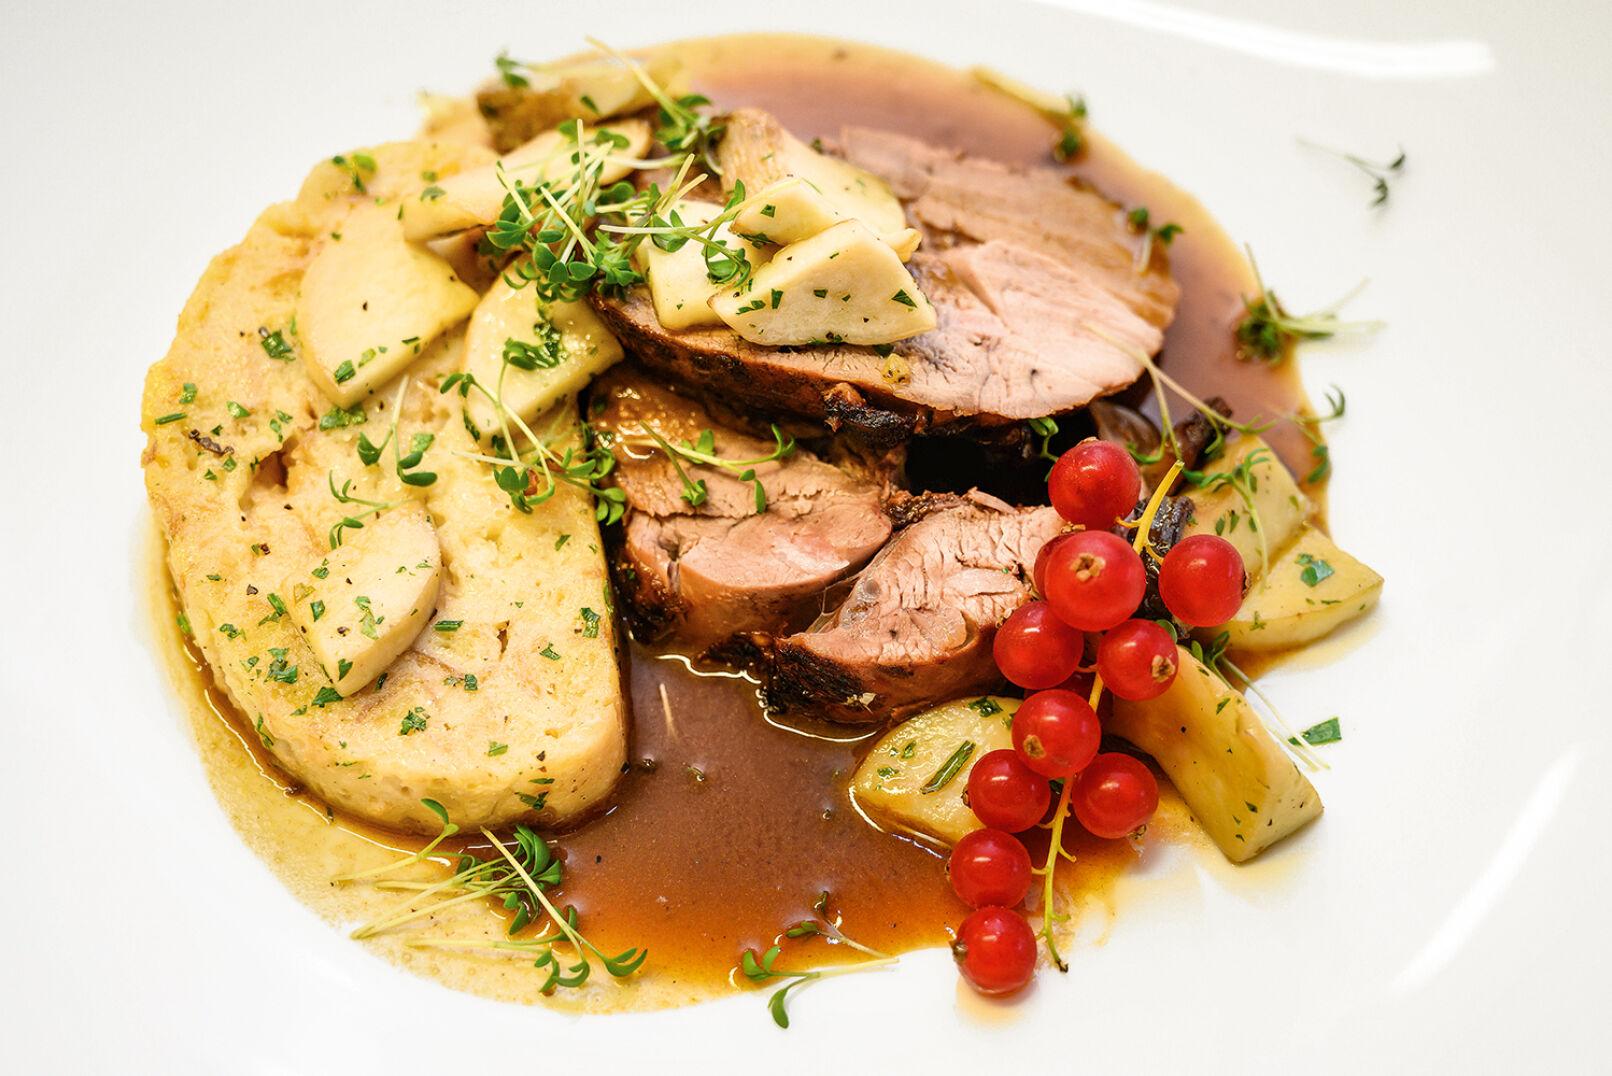 Ein Sträußchen Preiselbeeren und etwas Kresse bringt weitere Farbtupfer auf den Teller. – Mahlzeit! - © Barbara Marko